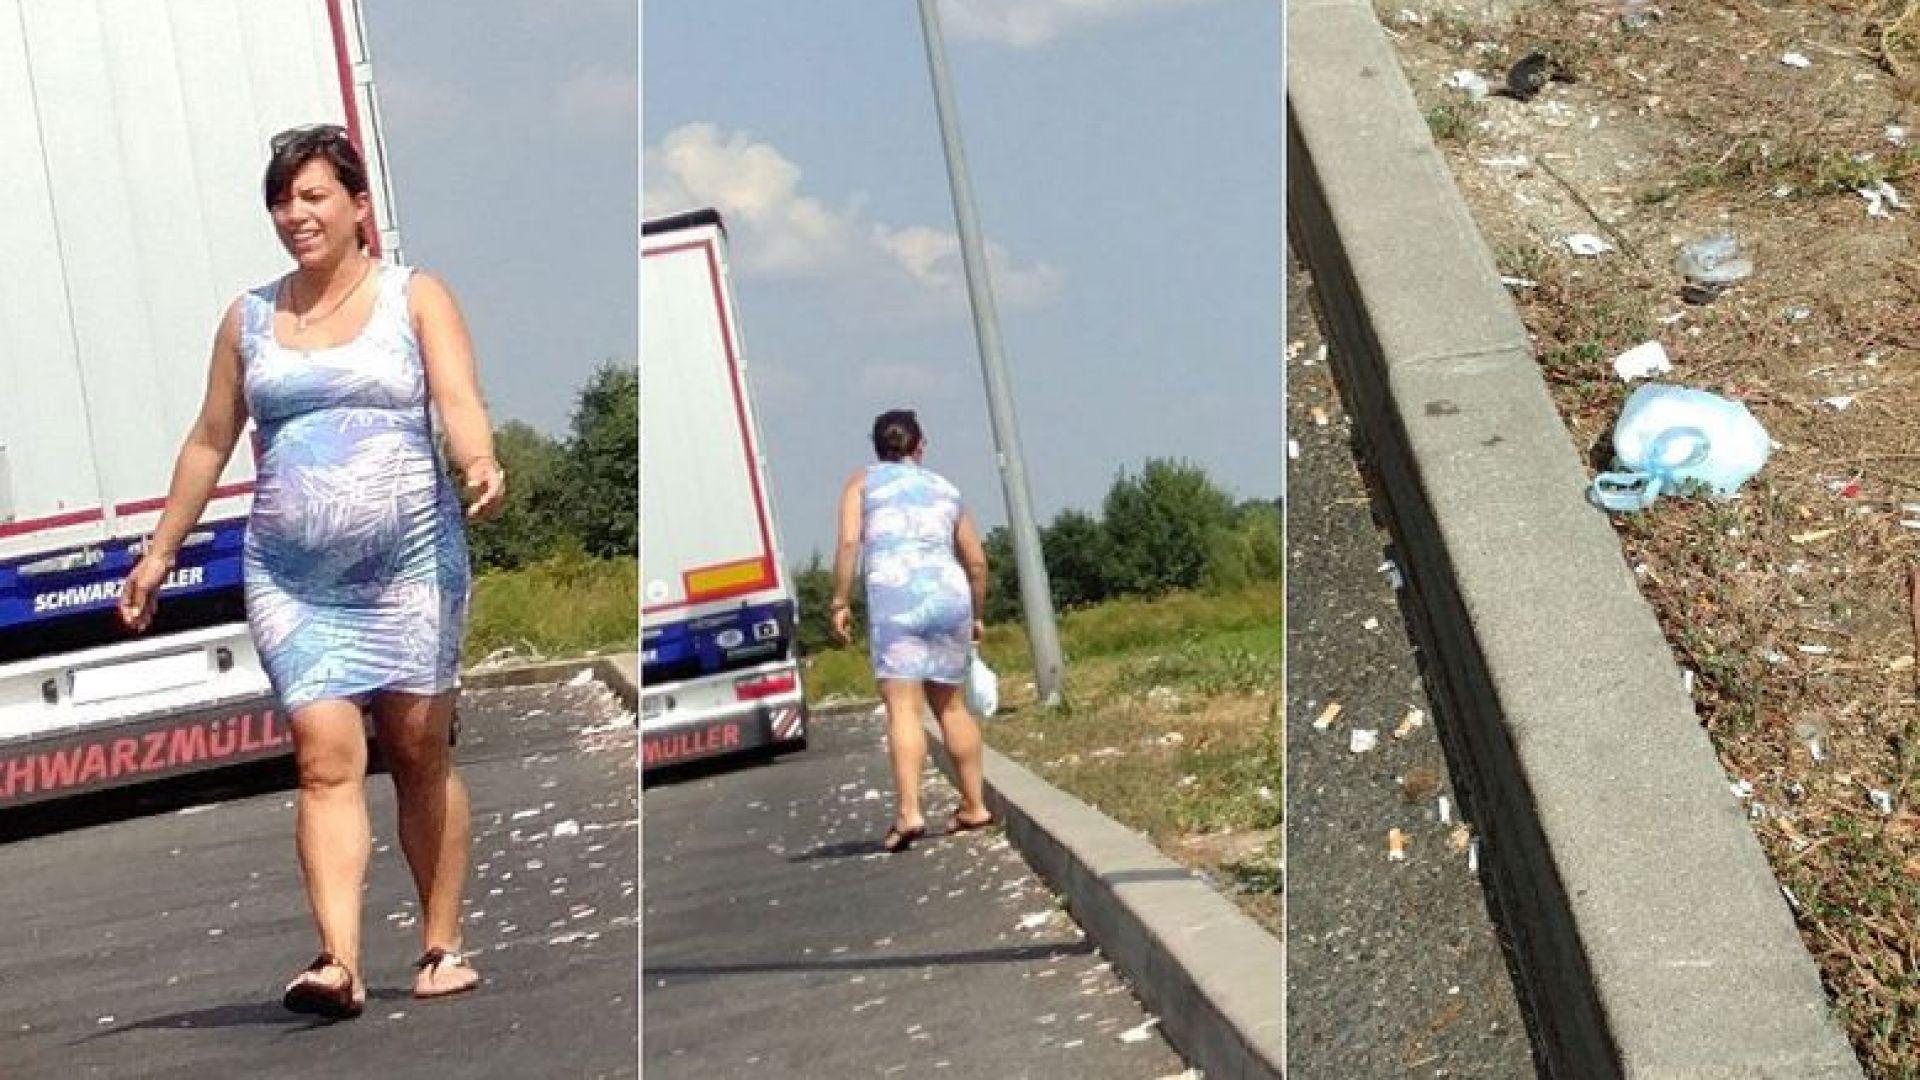 Унгарски туристи в Хърватия снимат как дъщерята на Виктор Орбан хвърля памперс на пътя